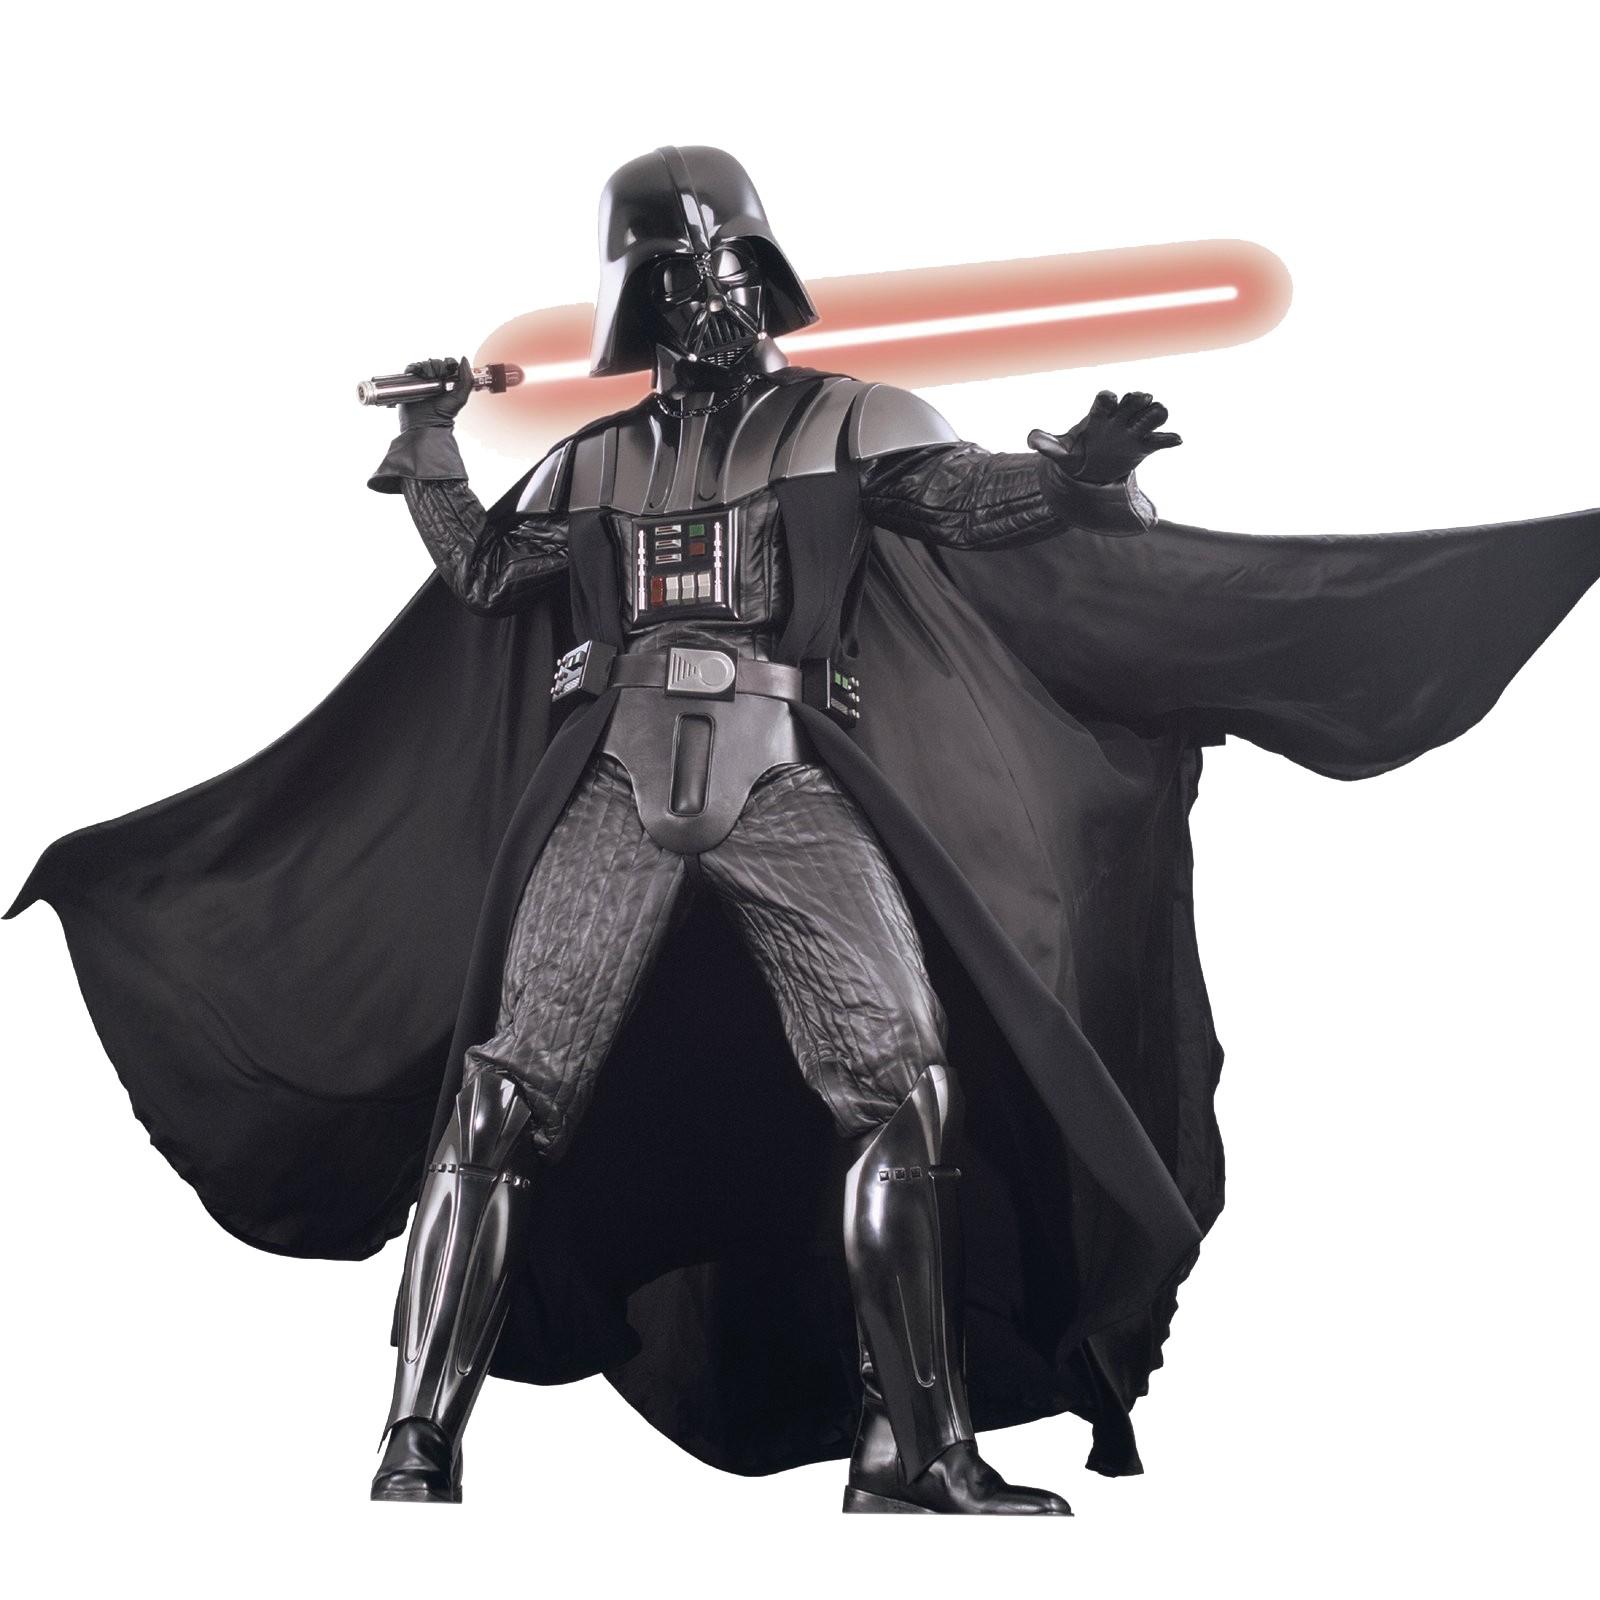 Darth Vader Collectors Edition 2